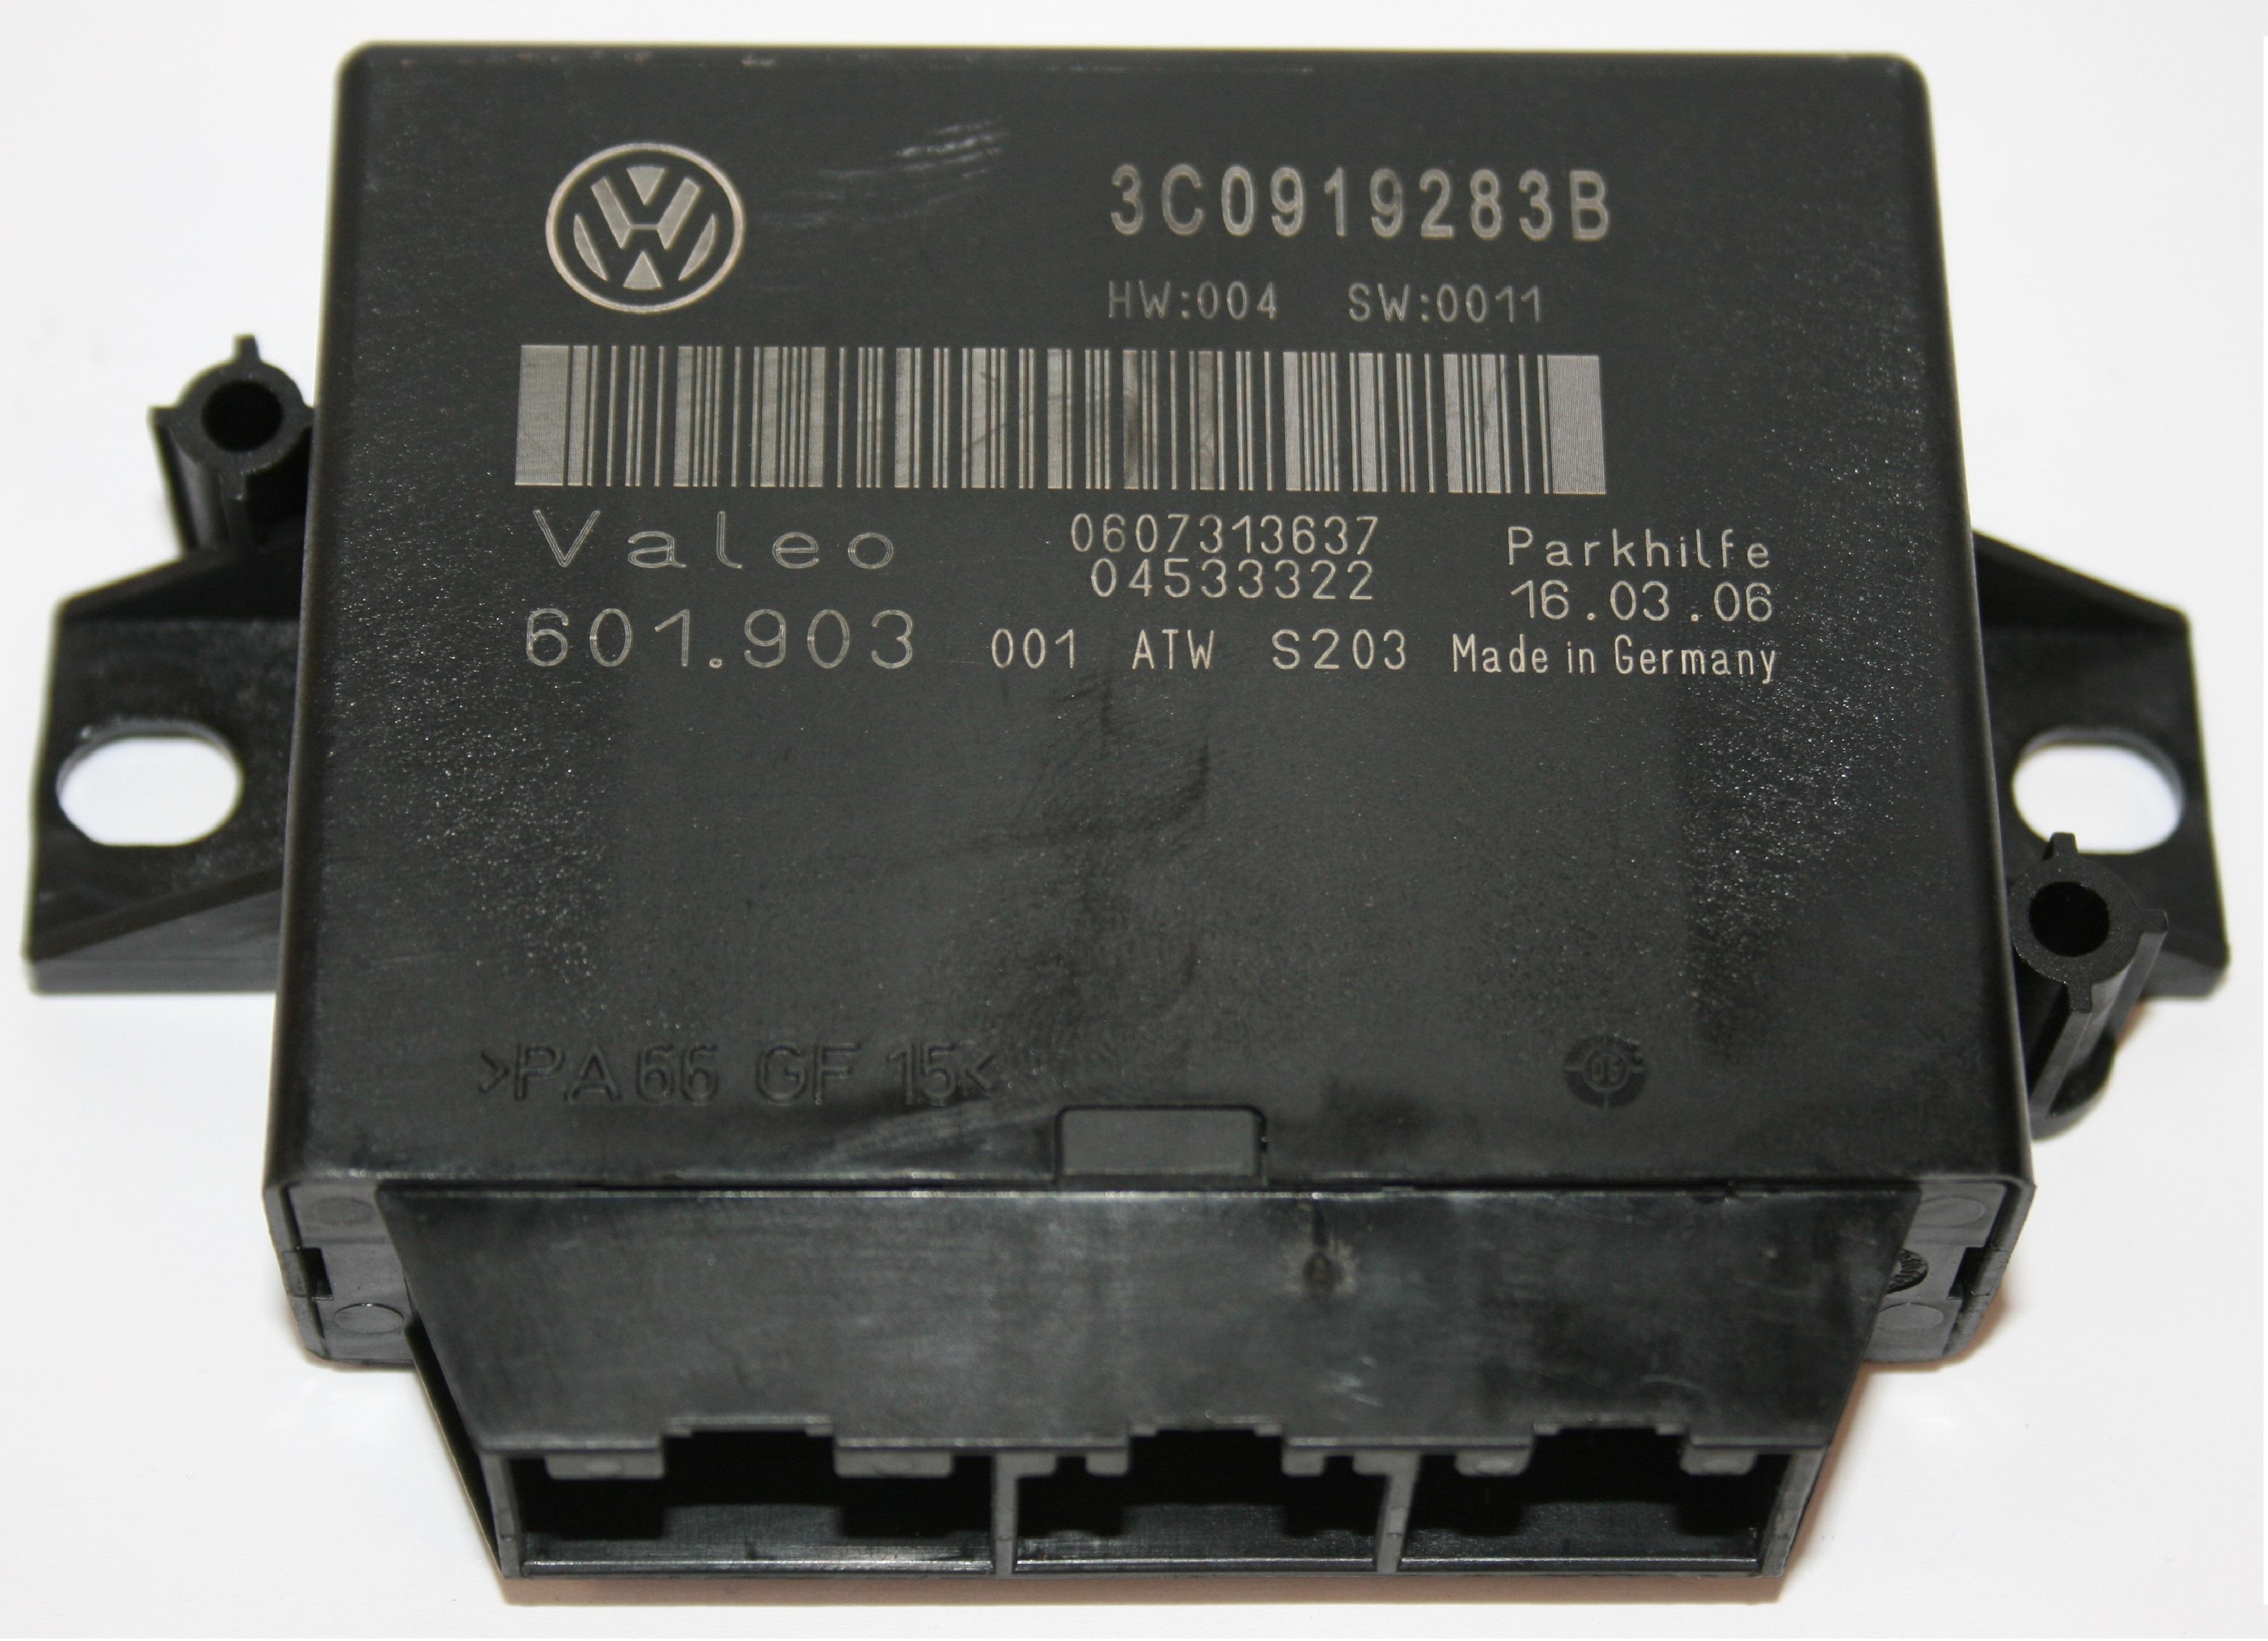 VW Passat Parking Distance Control Unit Module£49.99